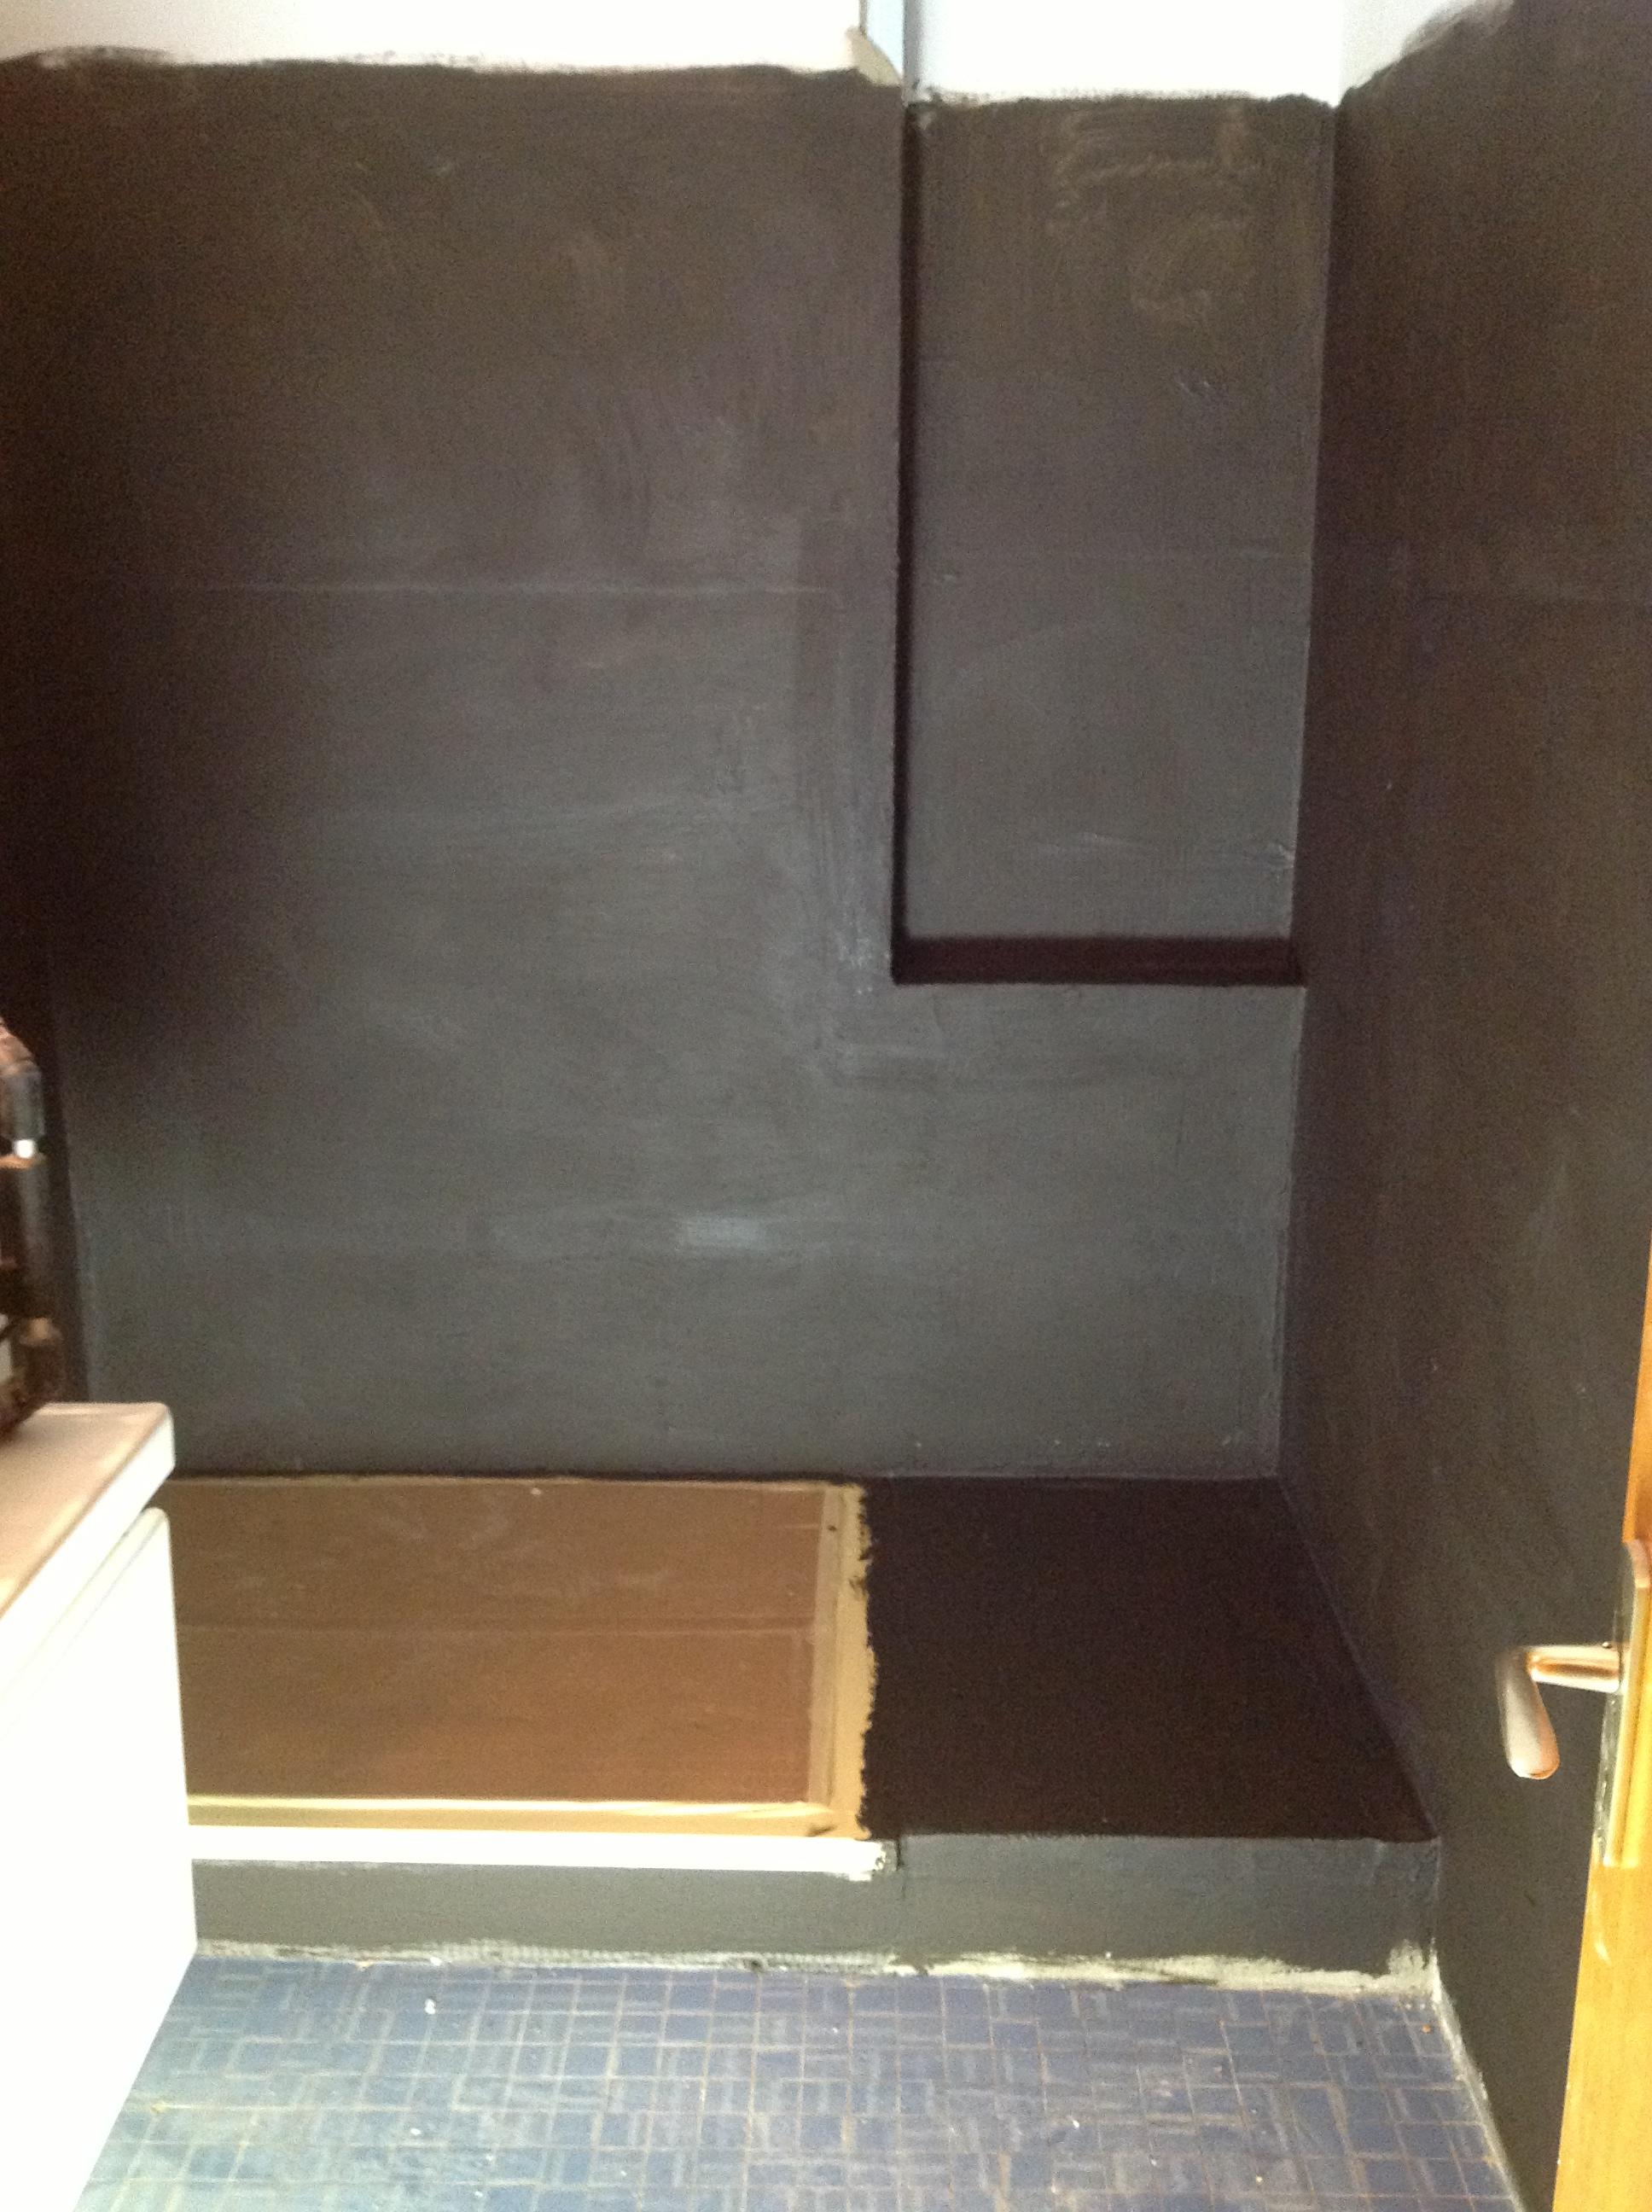 R novation salle de bains am nagements olivy for Etancheite sous carrelage salle de bain